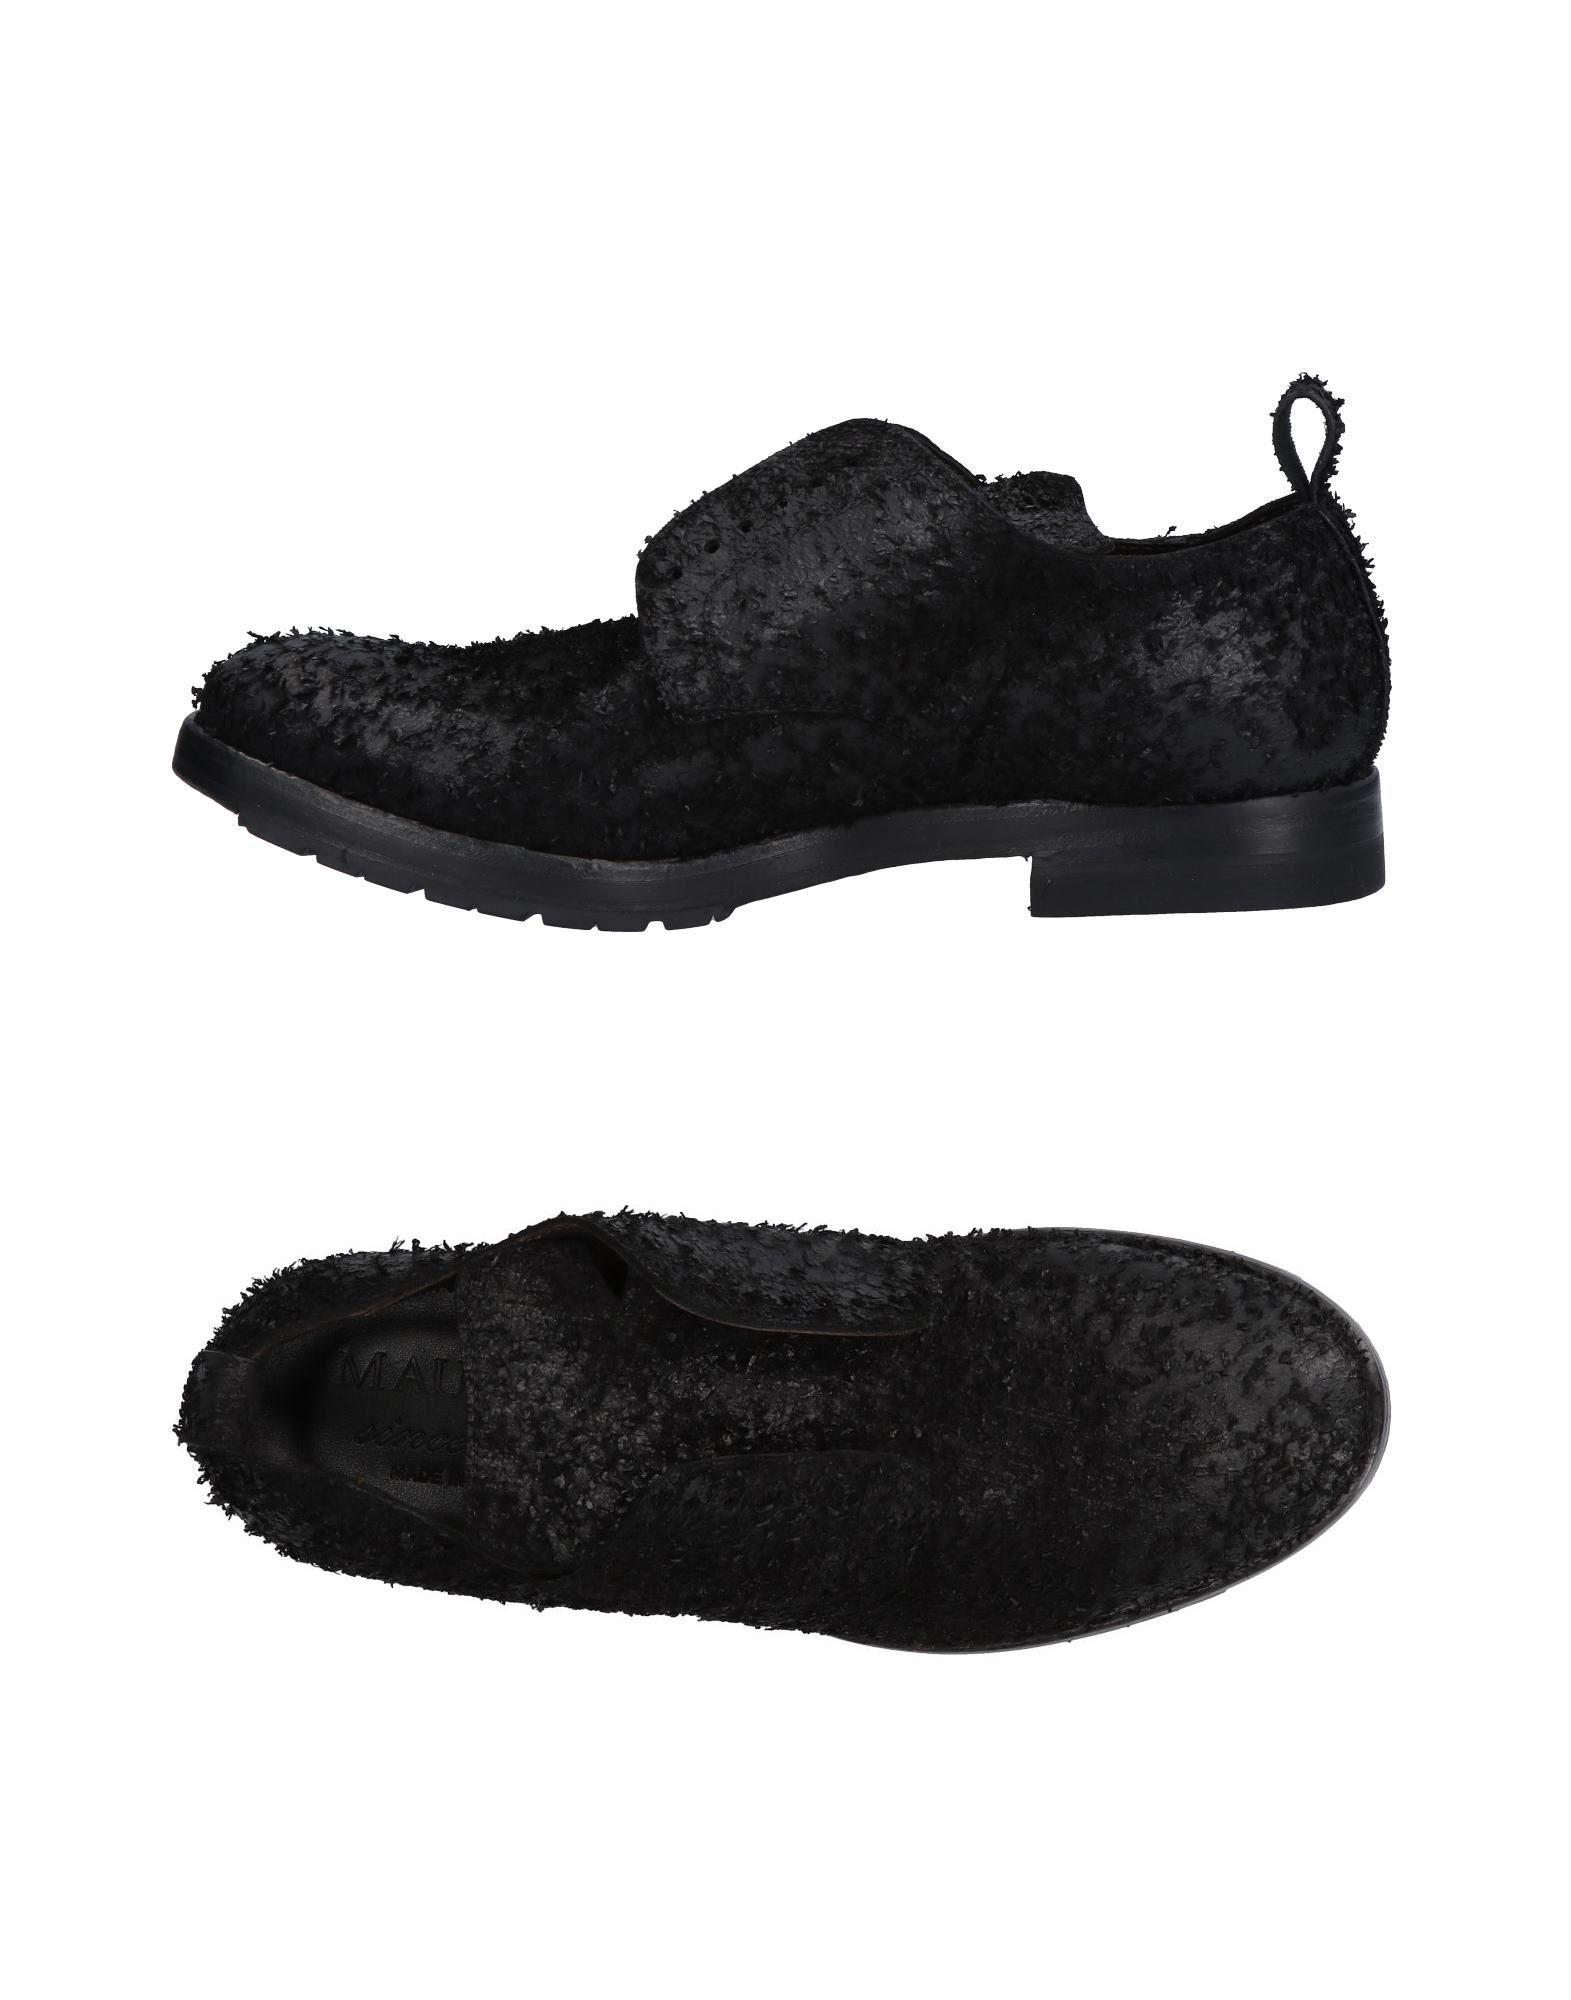 Mauron Mokassins Qualität Herren  11488781SH Gute Qualität Mokassins beliebte Schuhe d793f3